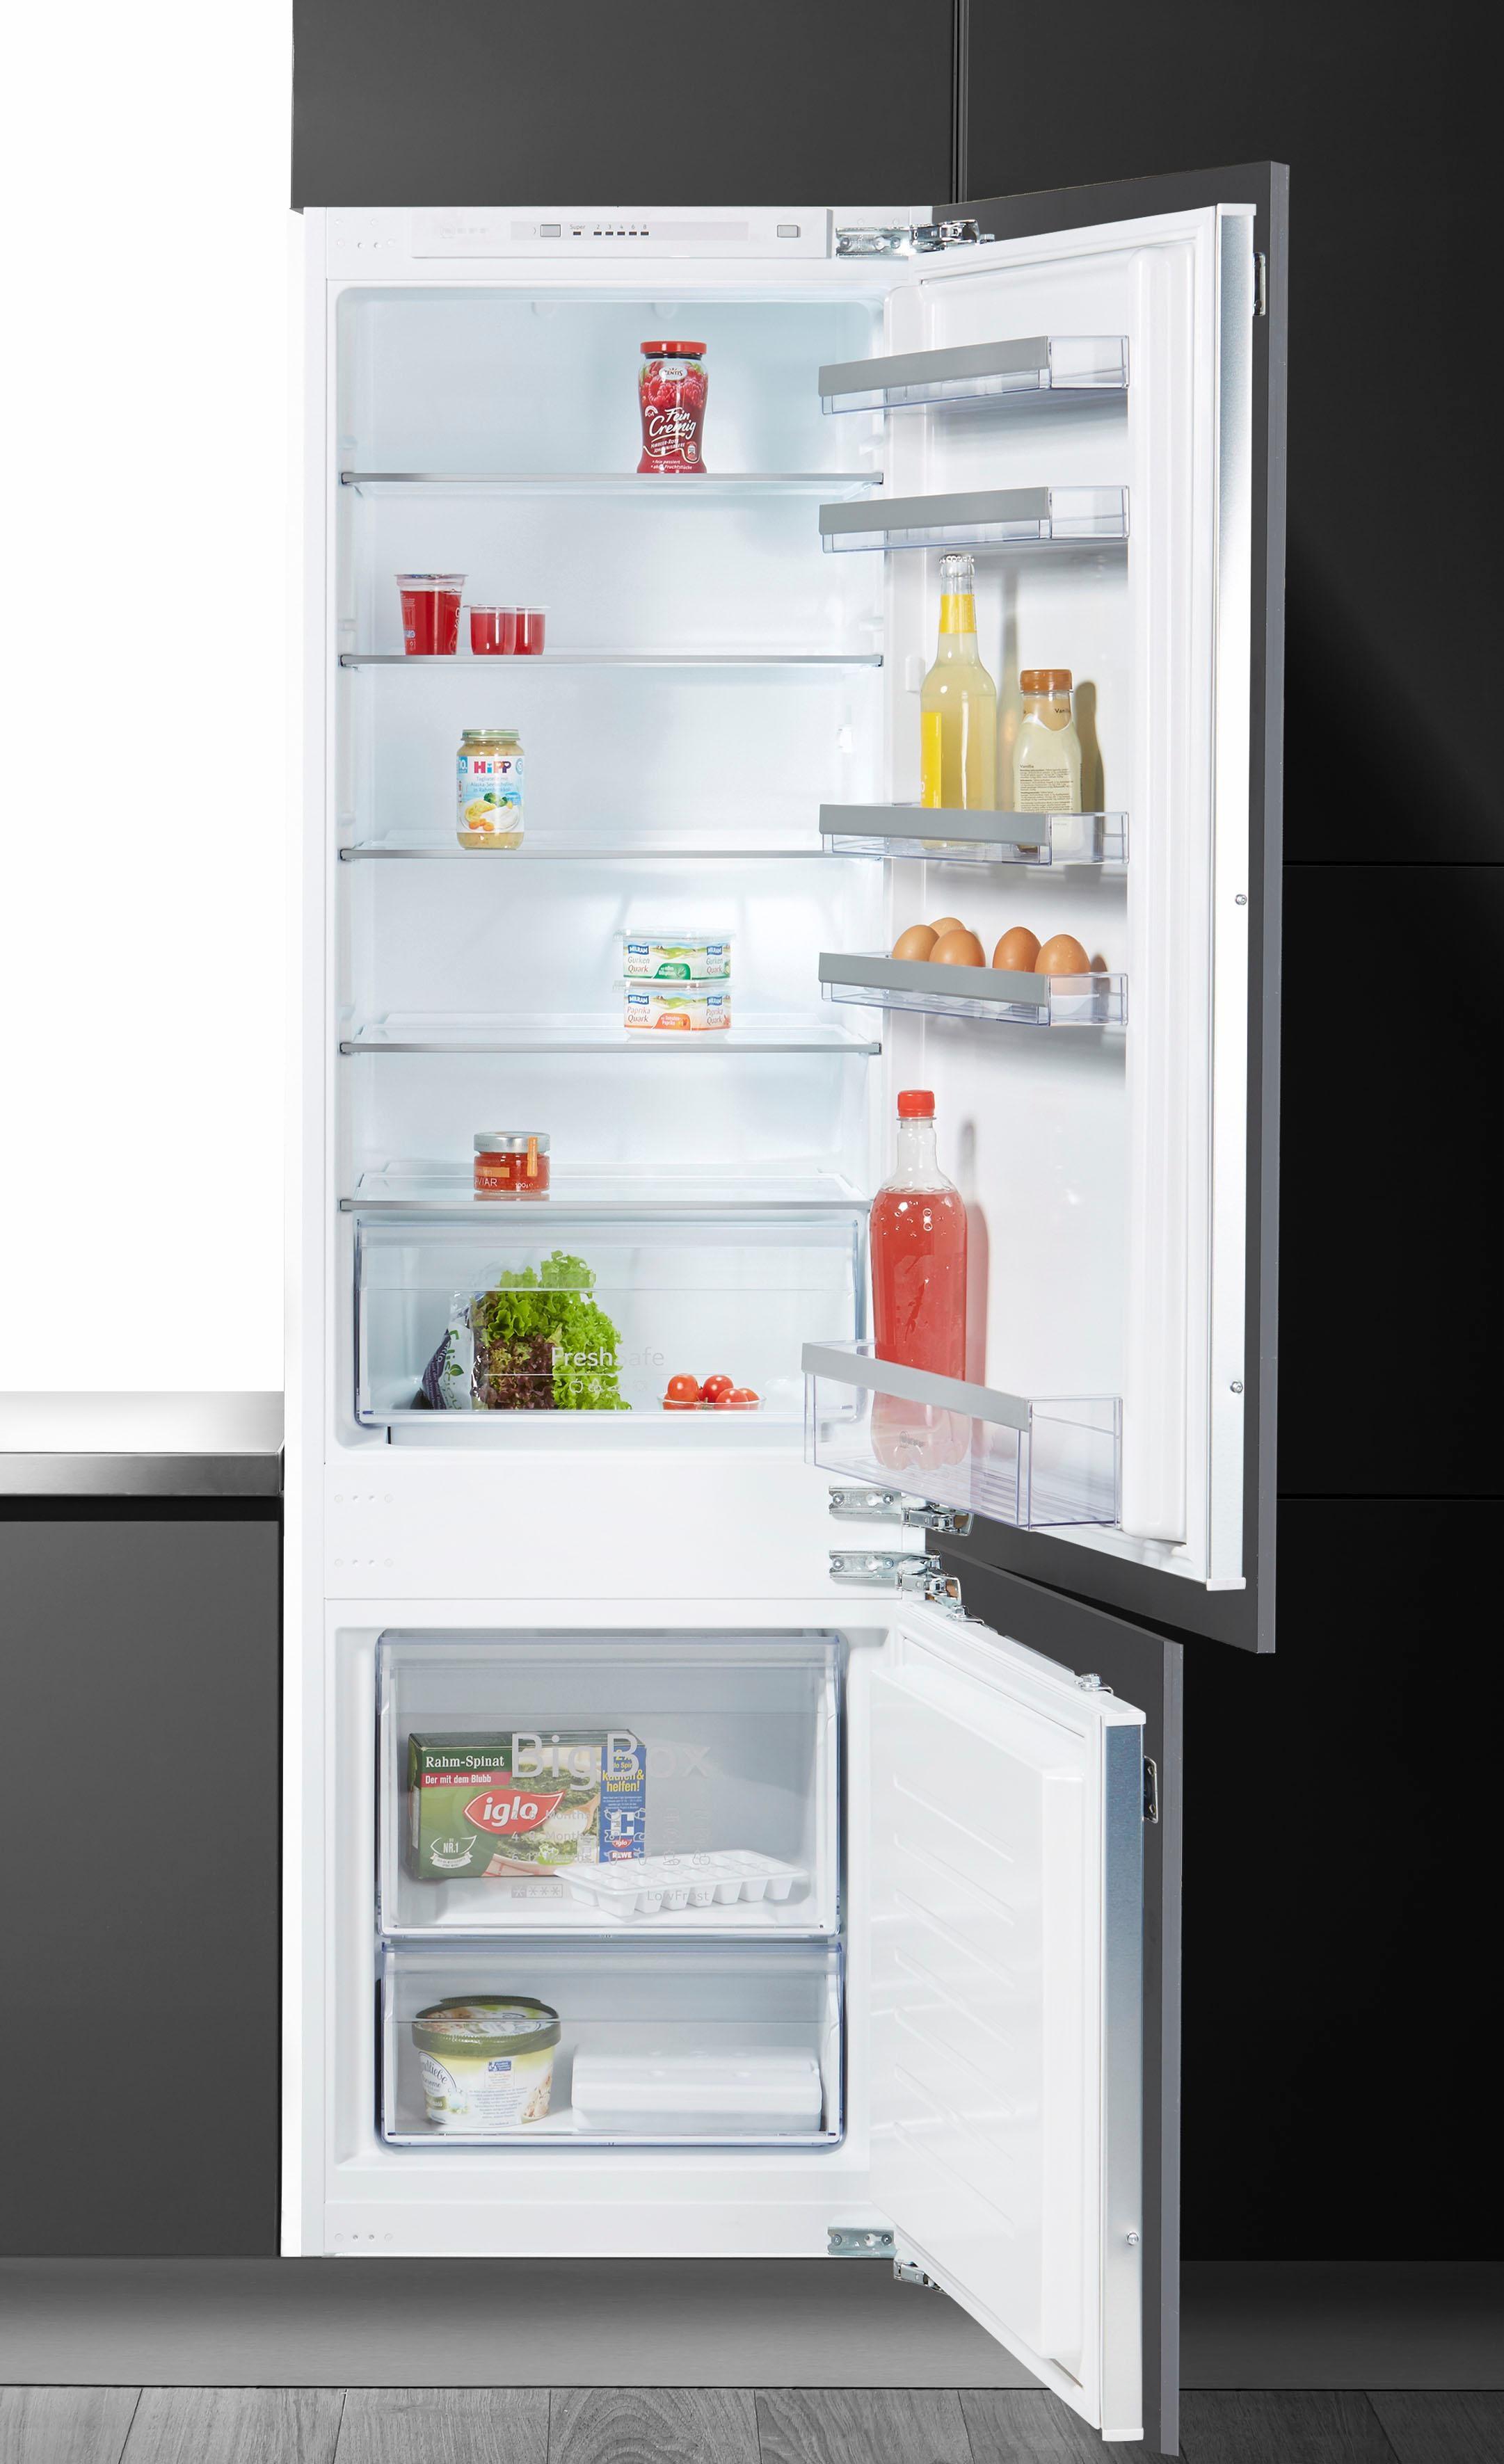 NEFF Einbaukühlgefrierkombination, 177,2 cm hoch, 54, 5 cm breit | Küche und Esszimmer > Küchenelektrogeräte > Kühl-Gefrierkombis | NEFF